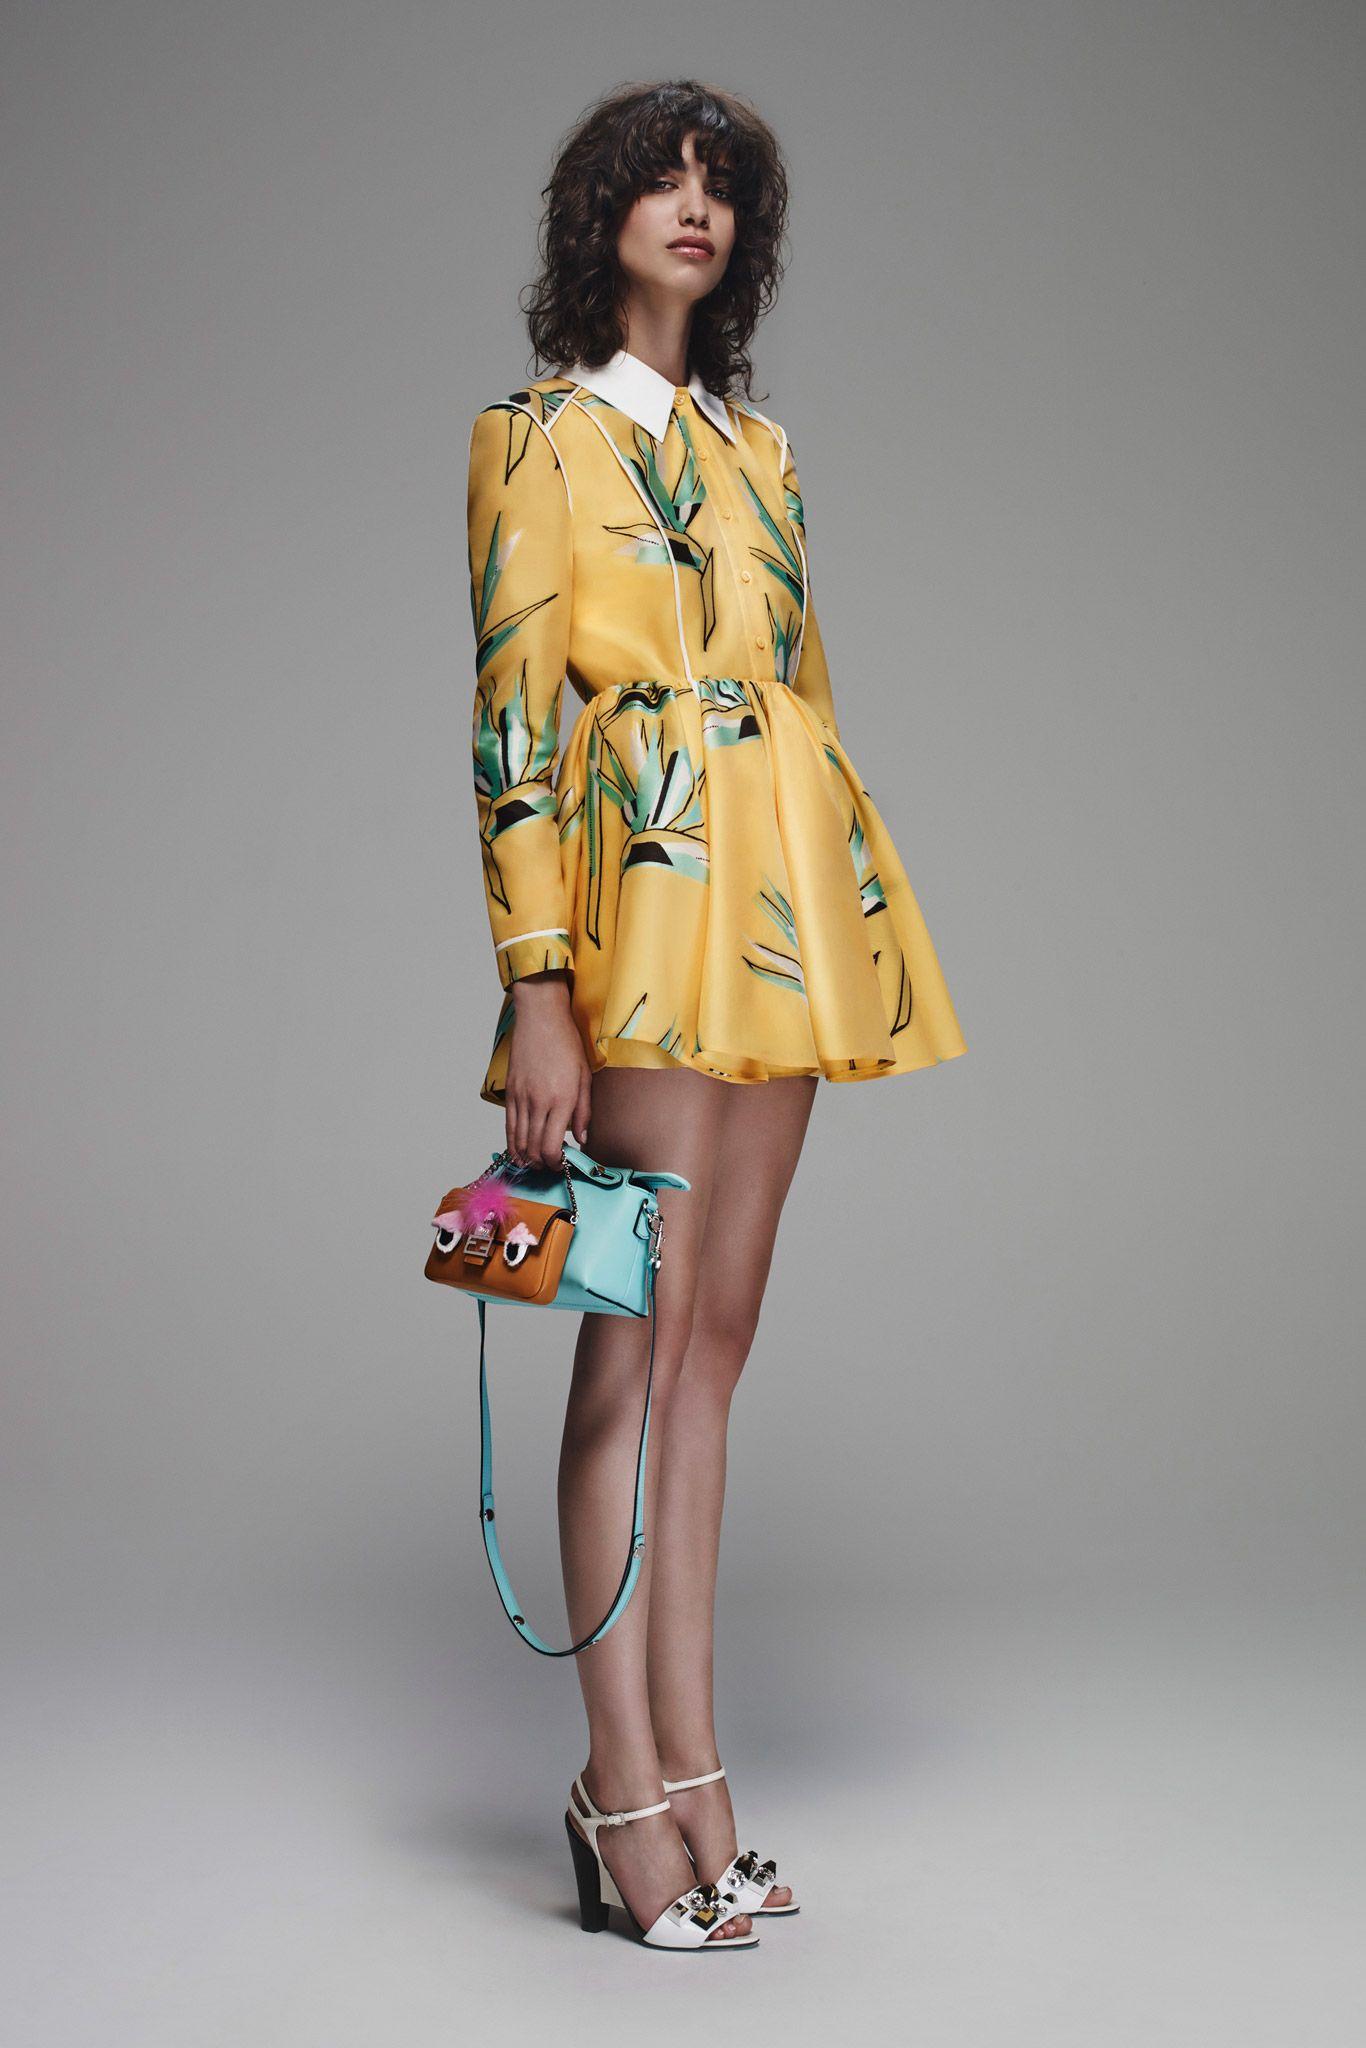 Las micro bags en colores llamativos como complemento perfecto de tu outfit